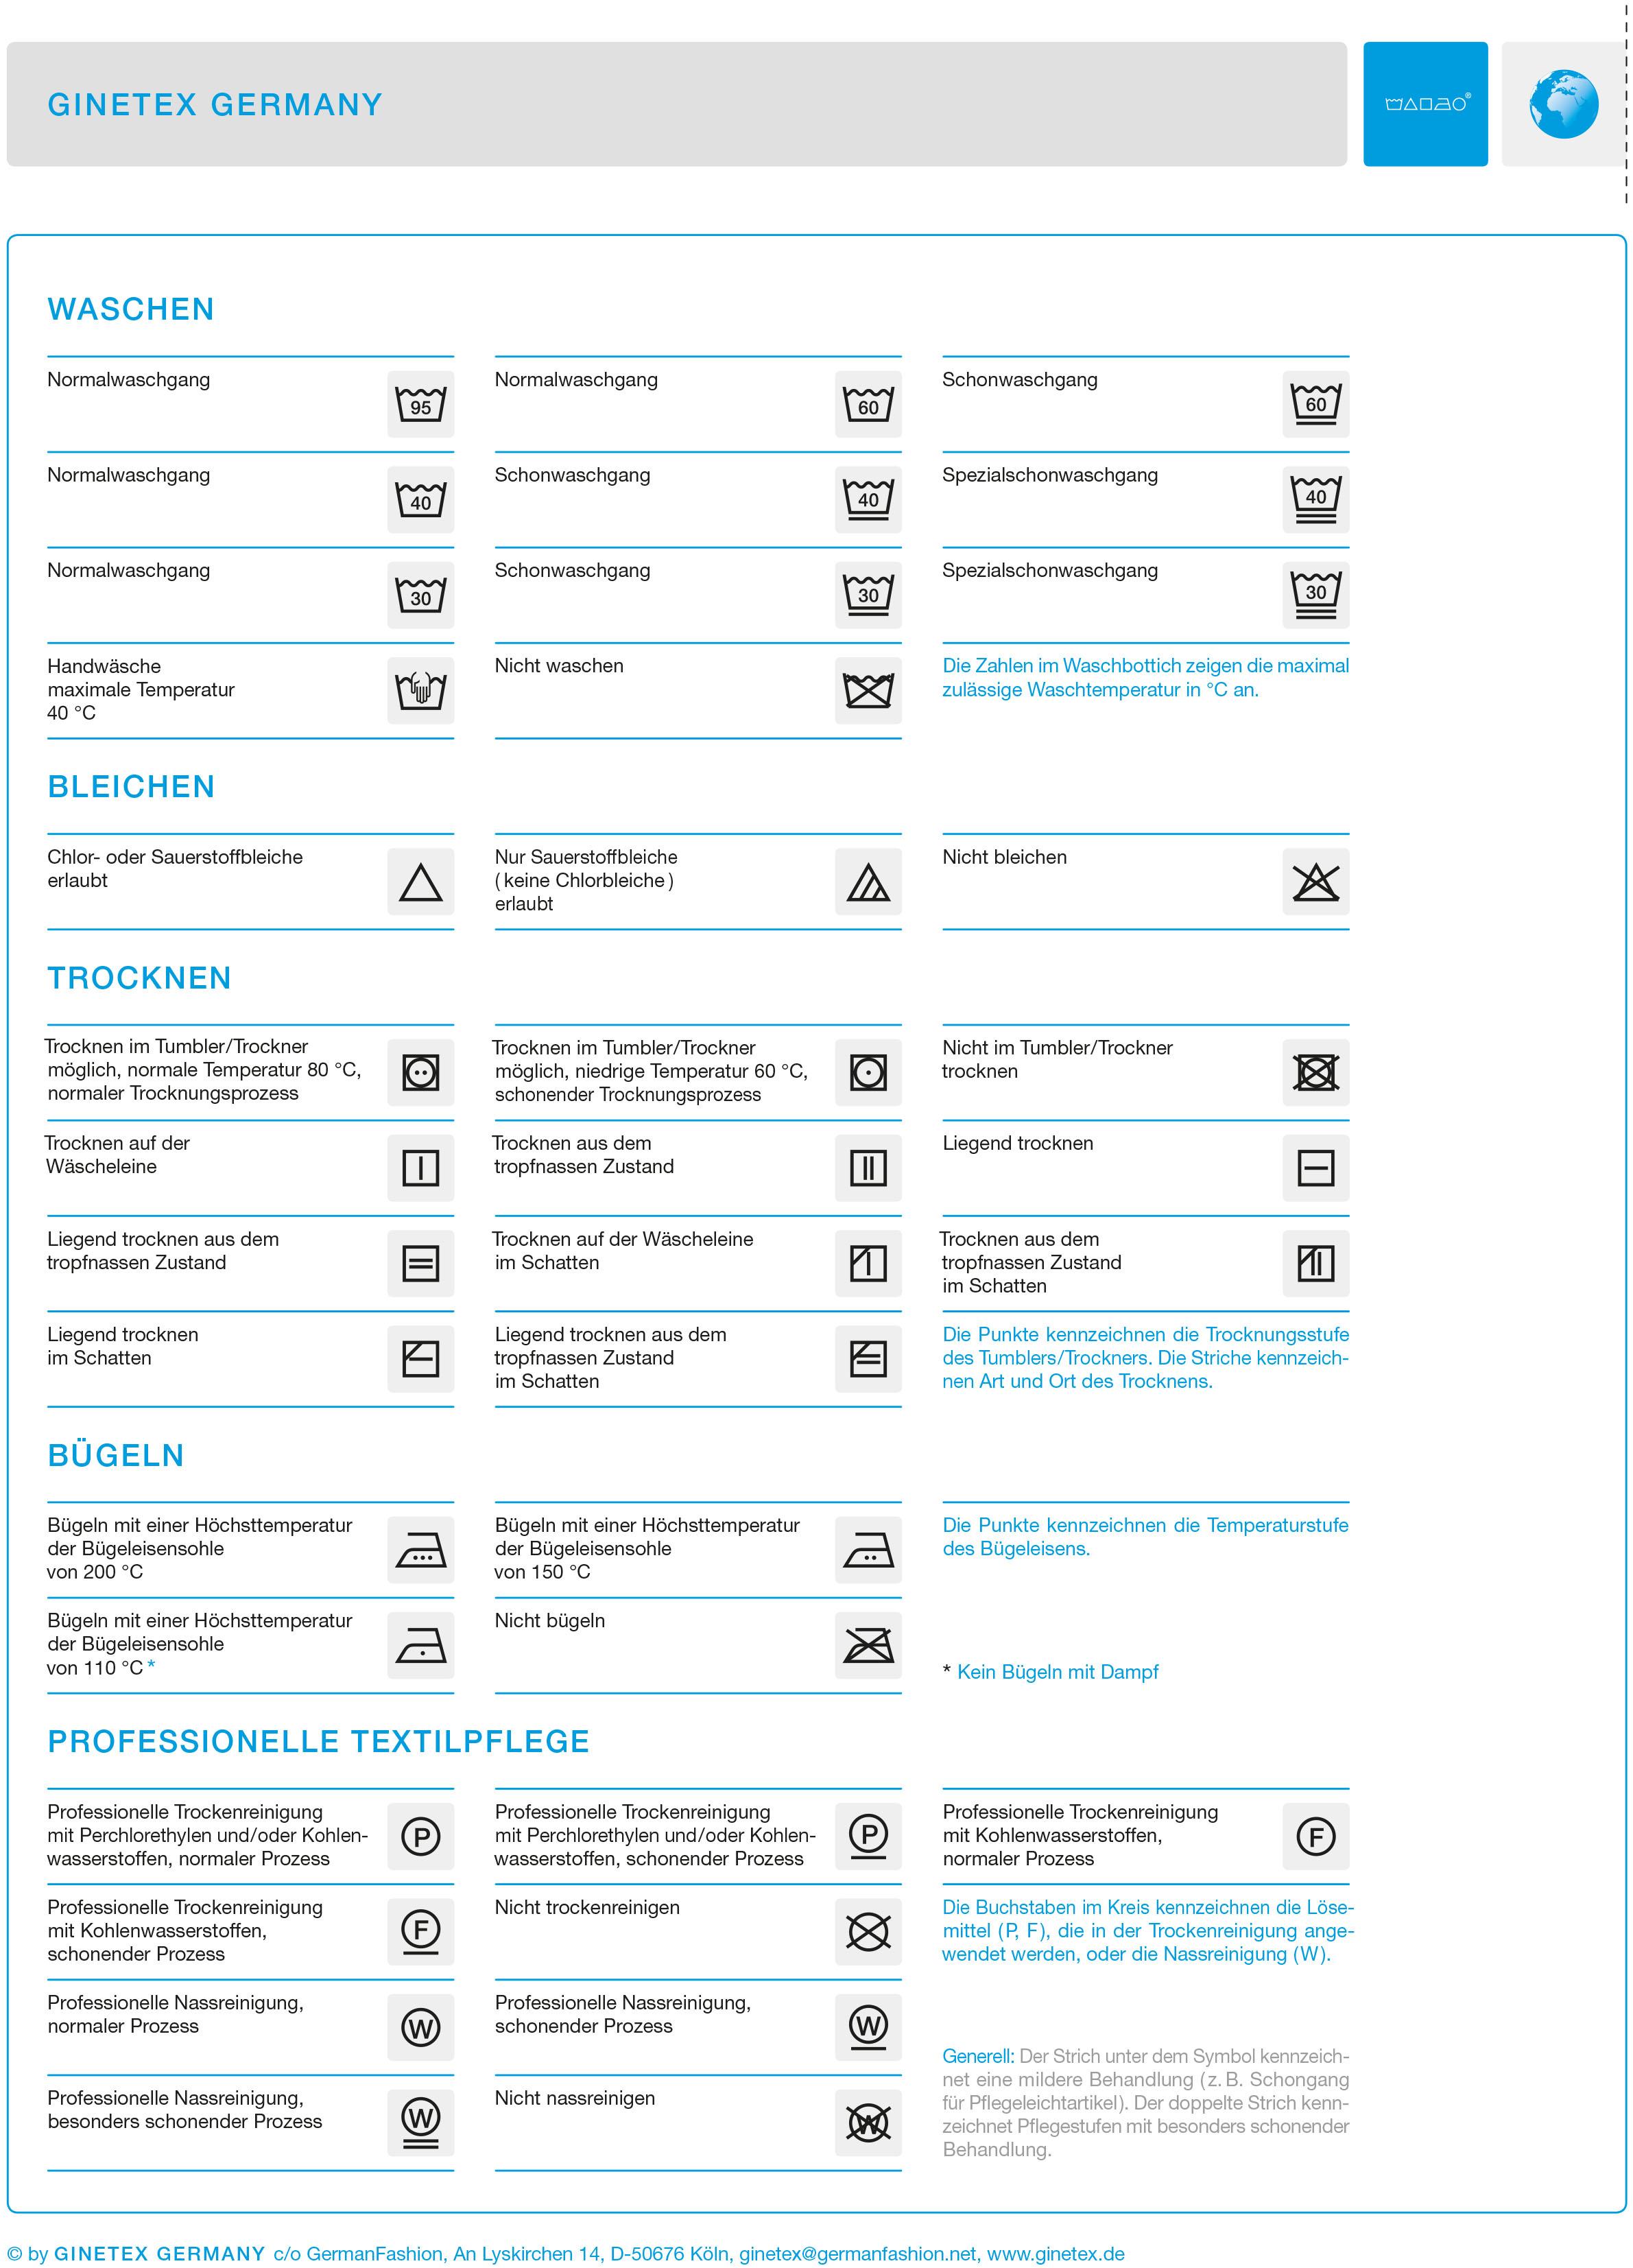 GINETEX_GERMANY__Symboluebersicht_weiß.jpg